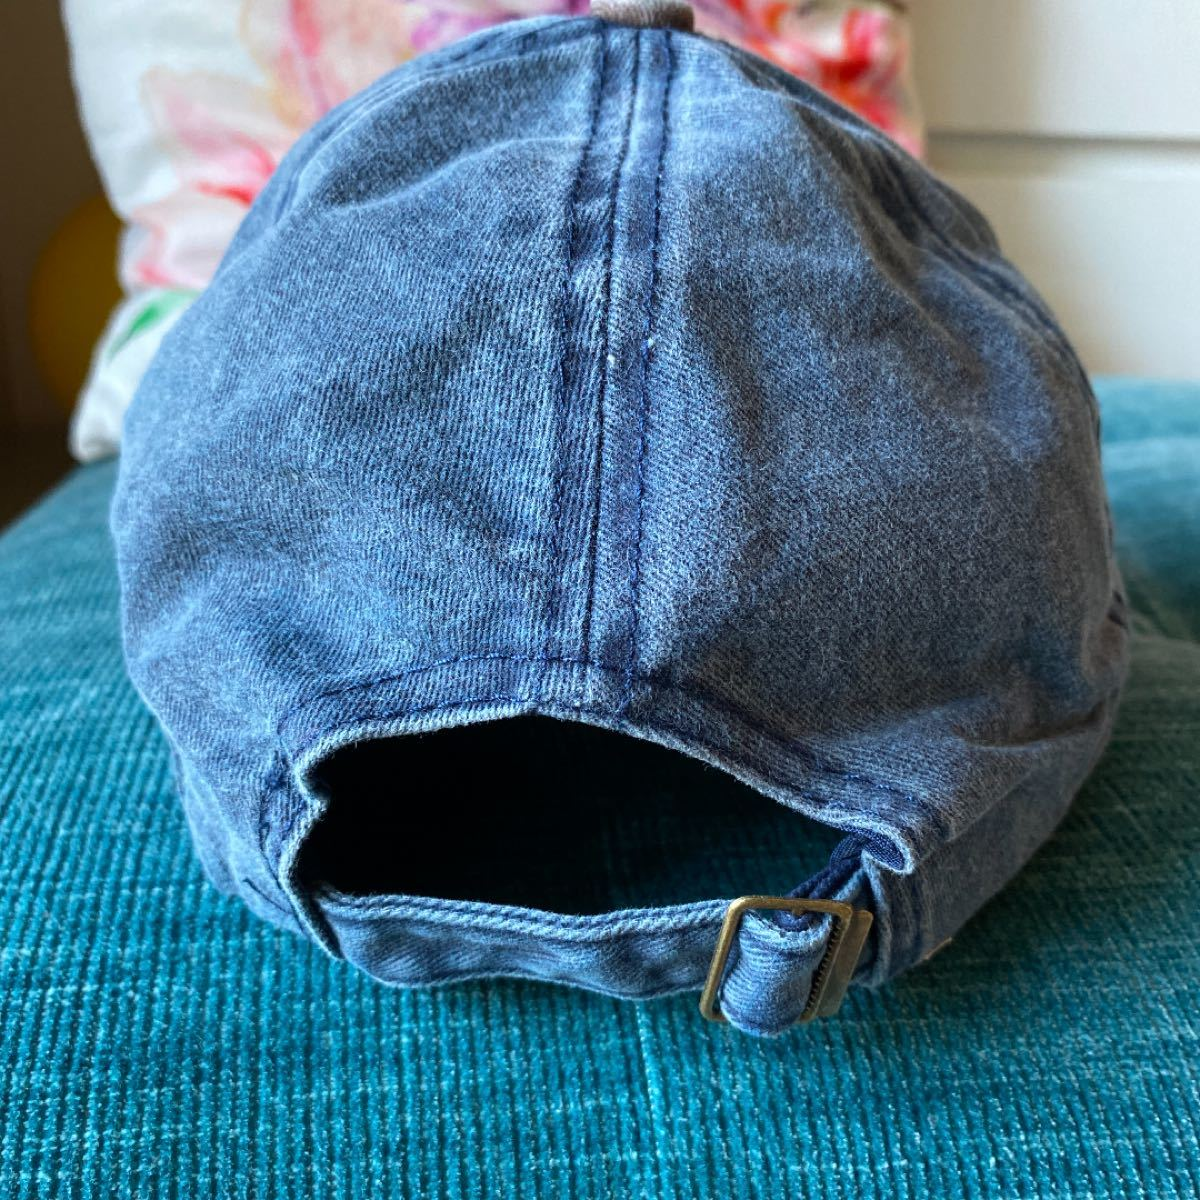 キャップ ★ メンズ 帽子 レディース USED加工 紺 グレー メンズキャップ